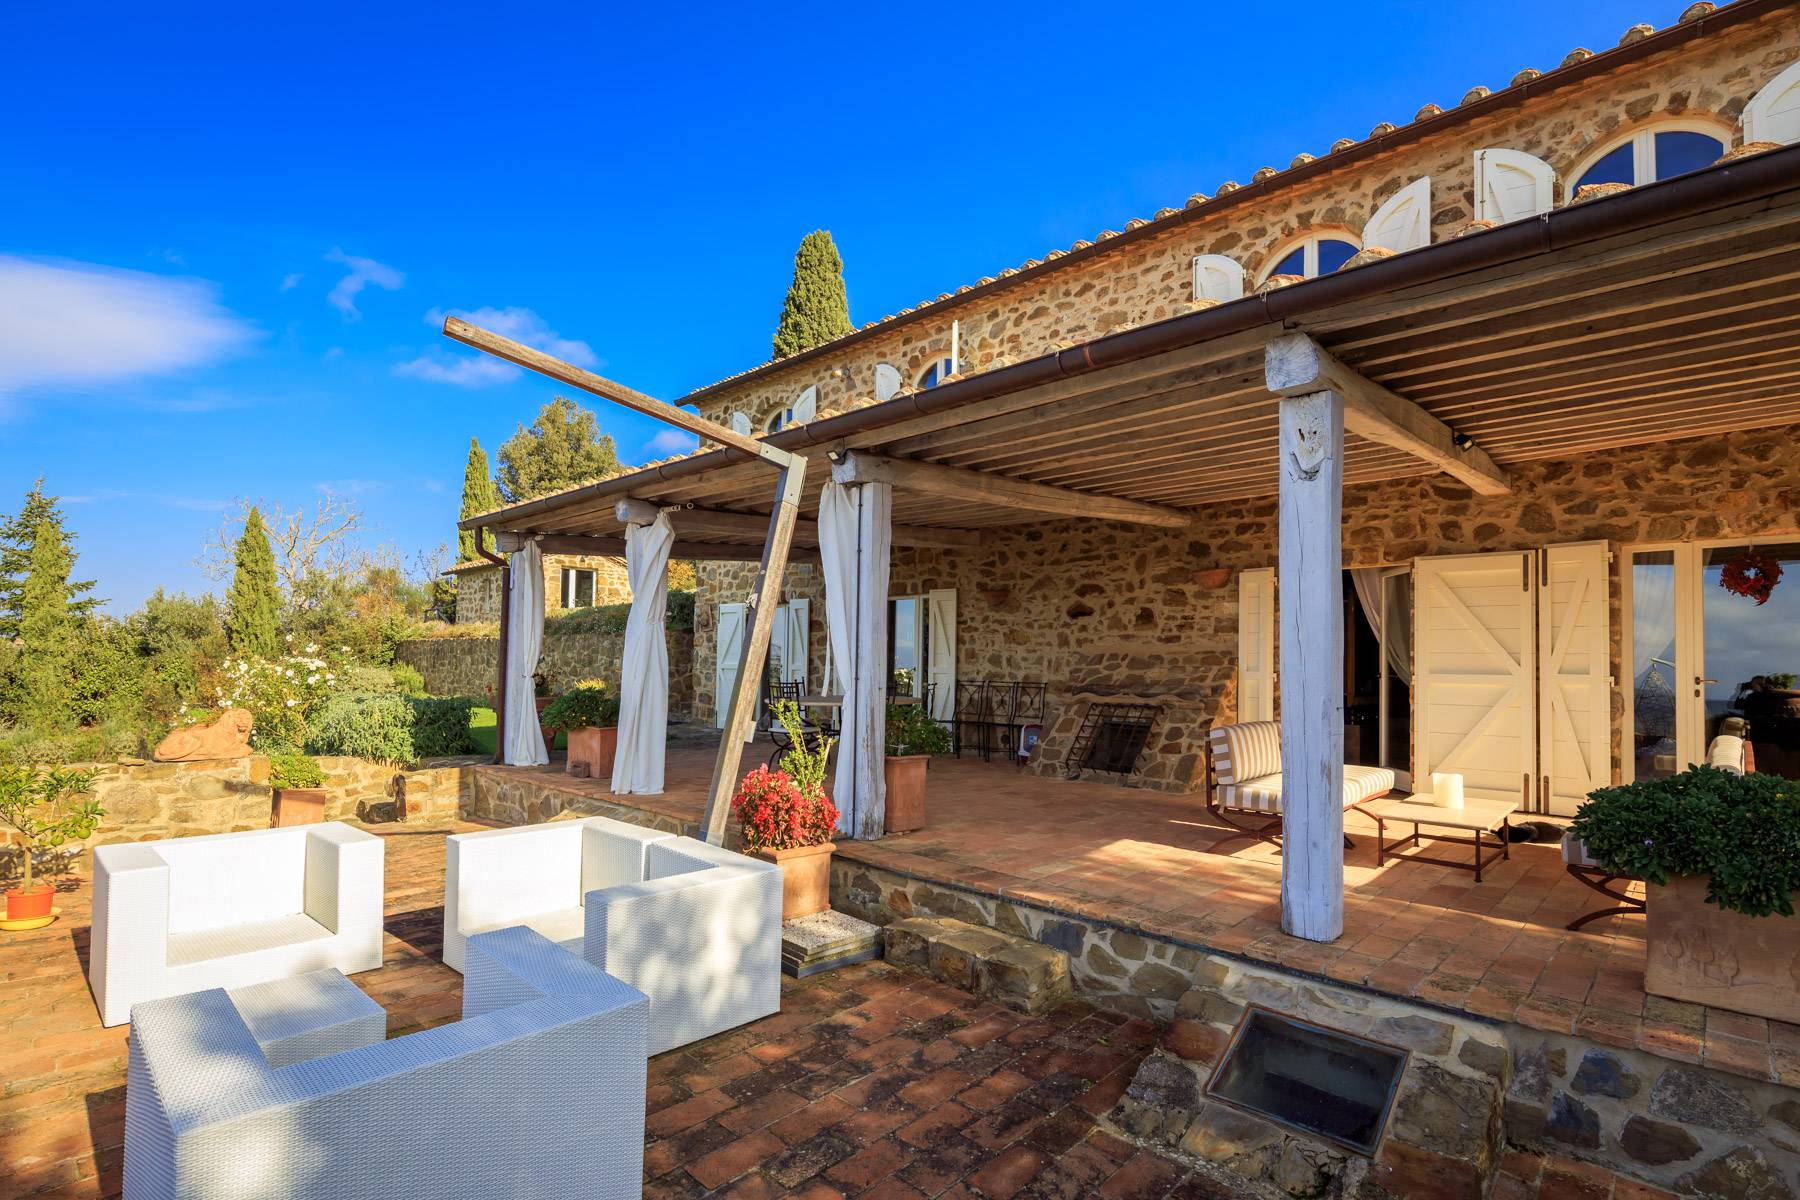 Rustico in Vendita a Montalcino: 5 locali, 300 mq - Foto 24